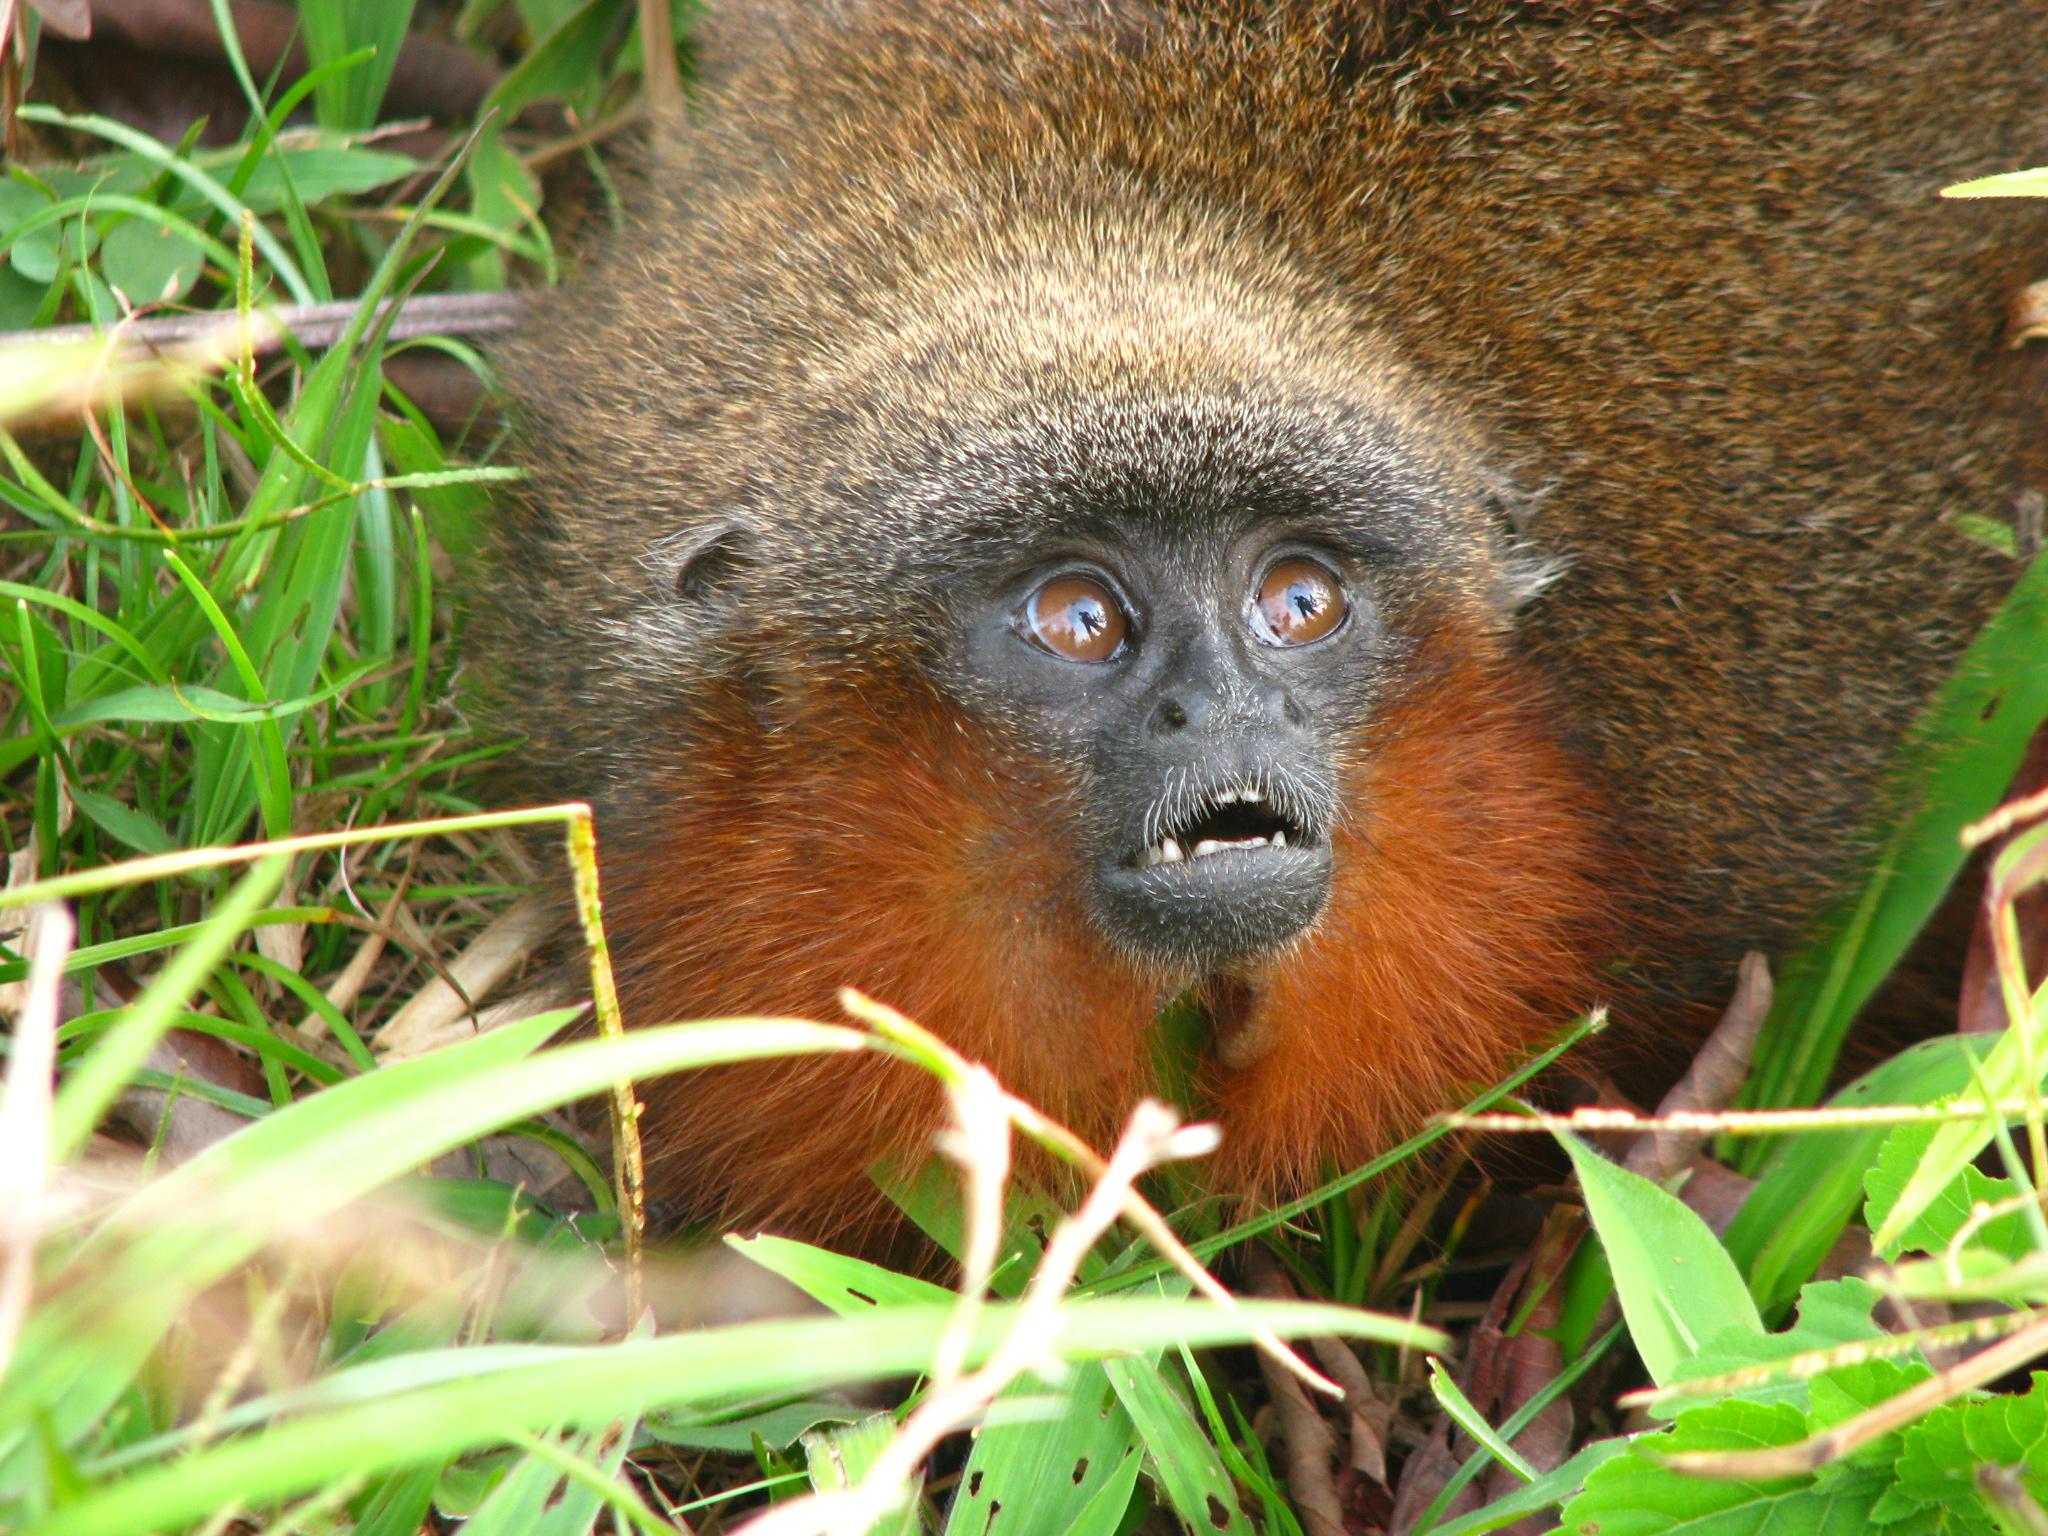 El mico bonito del Caquetá fue declarado en peligro crítico de extinción por parte de la UICN poco después de su descubrimiento. Foto: Javier García, Fundación Herencia Natural.